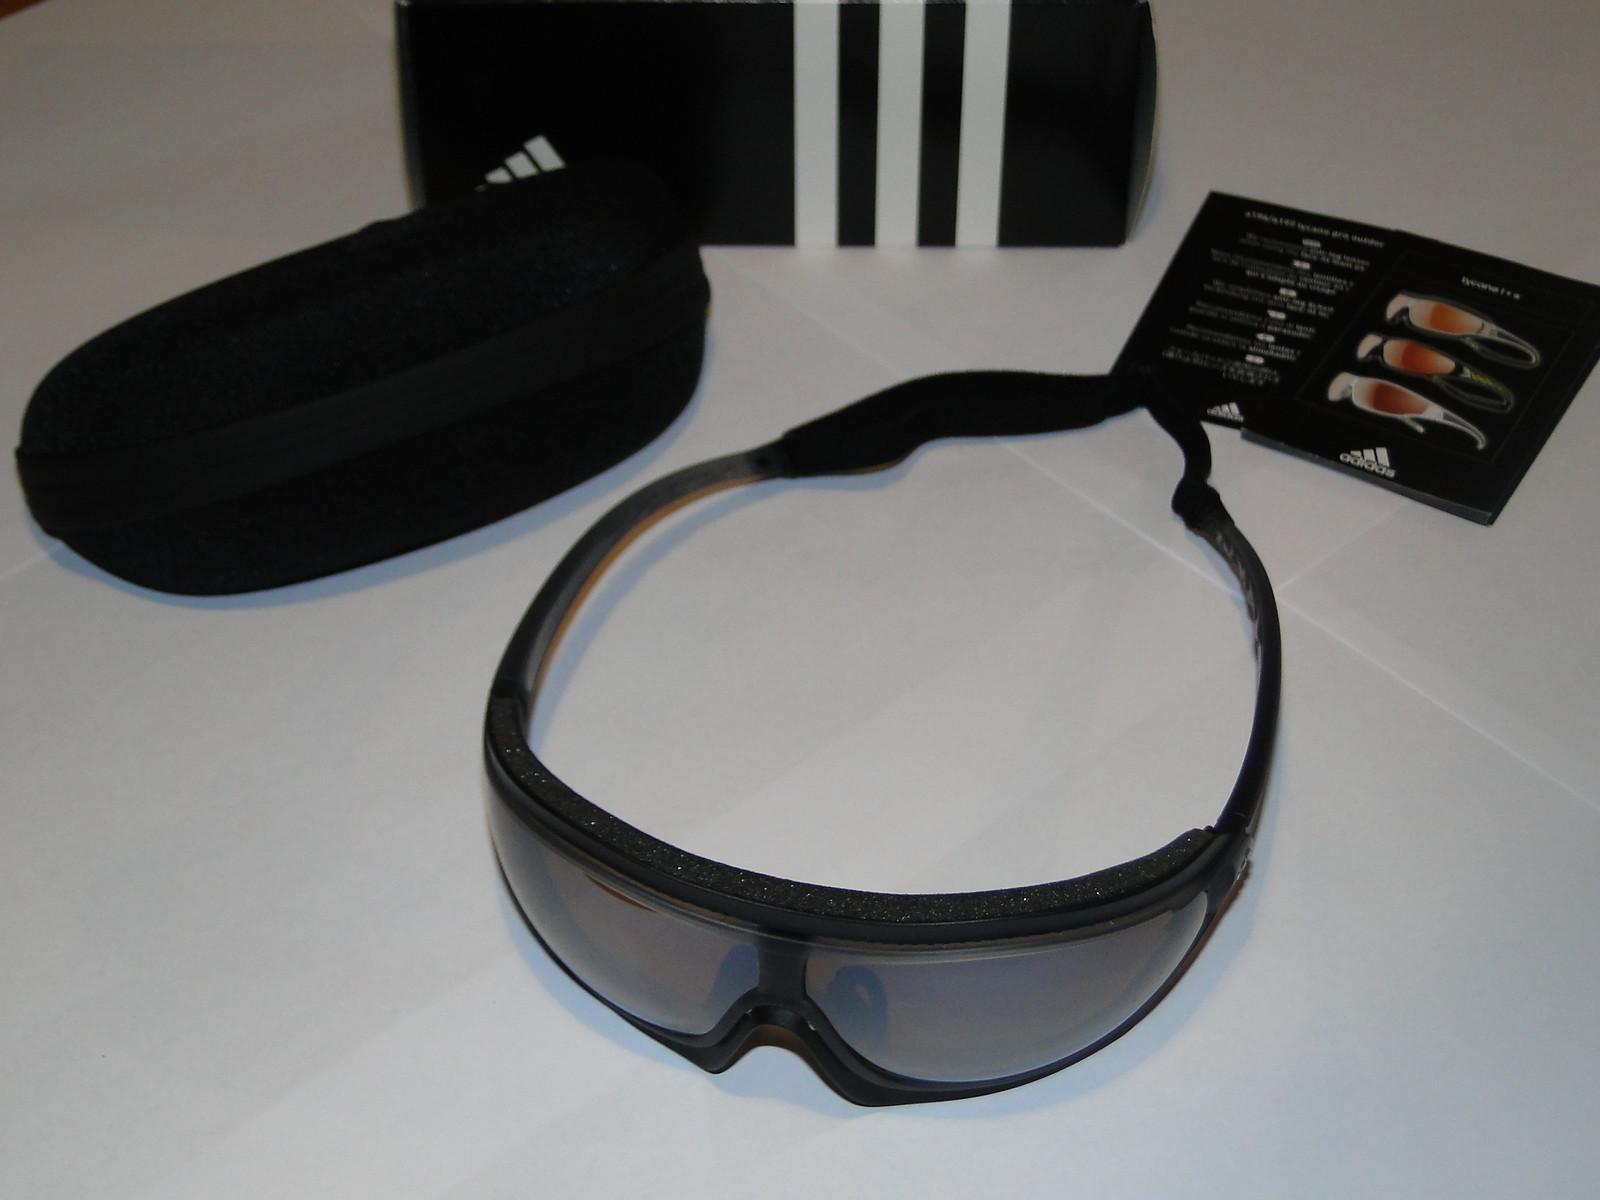 Adidas Adidas Tycane Pro Outdoor Sonnenbrille | Bikemarkt